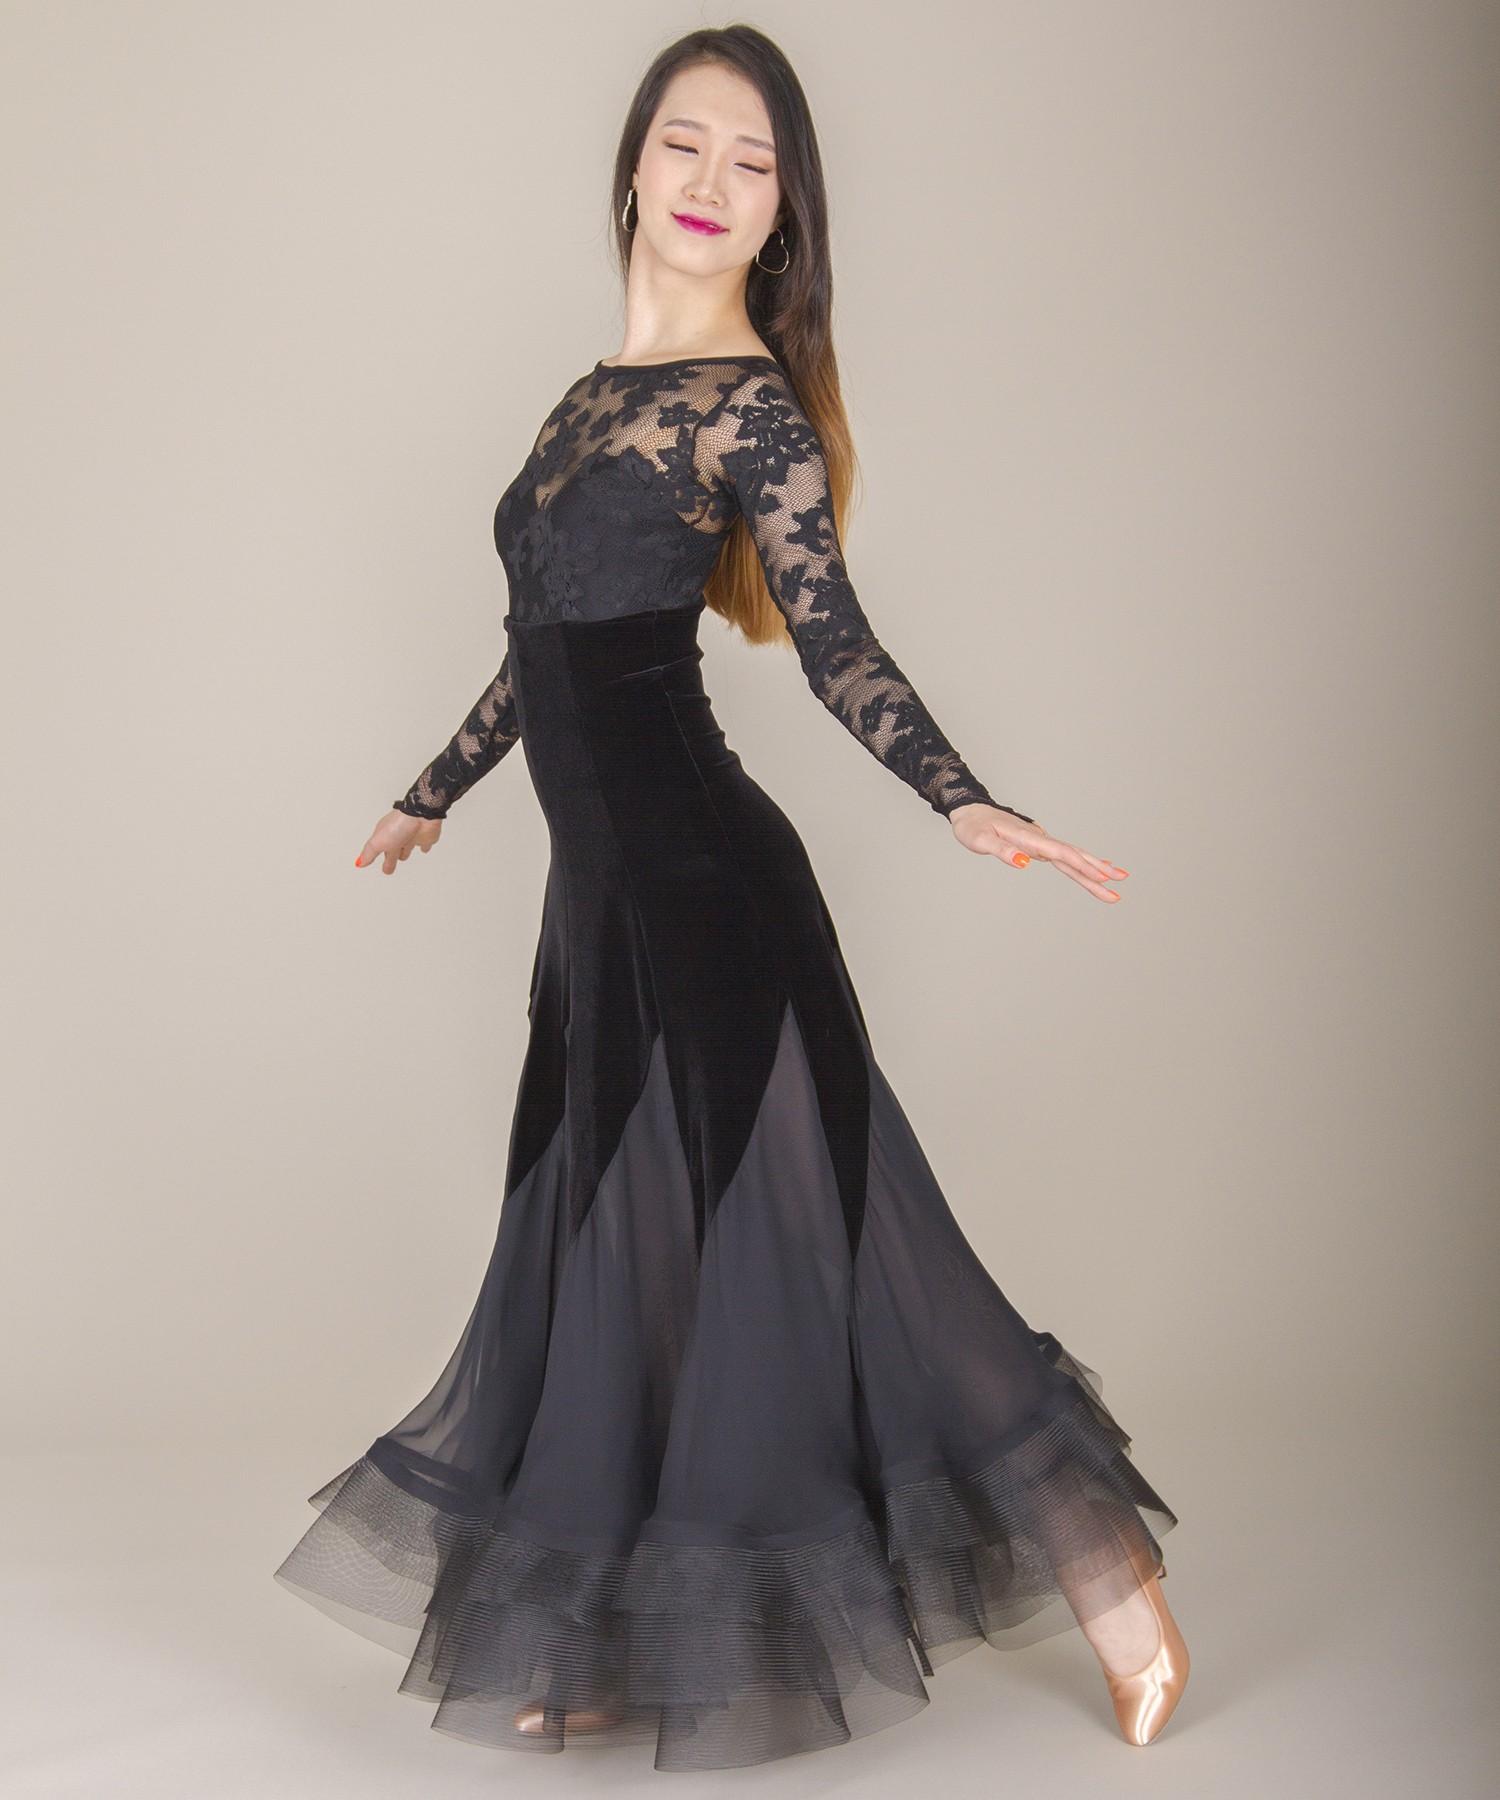 d10c889ece1 Women s Dresses